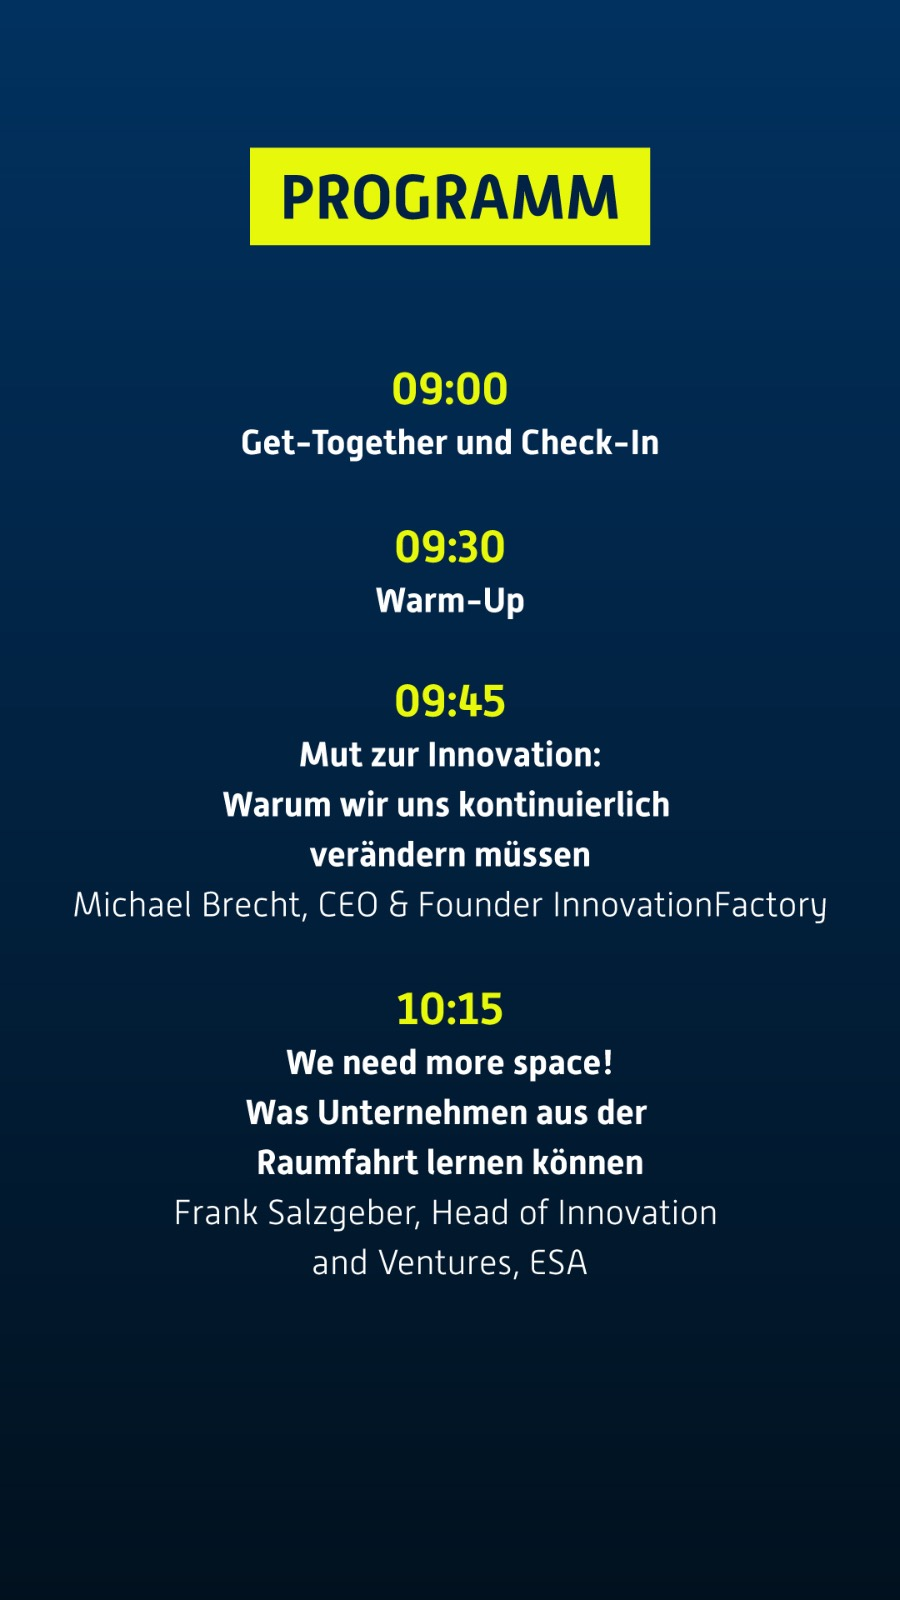 Programm Rocketeer Festival Augsburg - Innovationen und Zukunftstrends